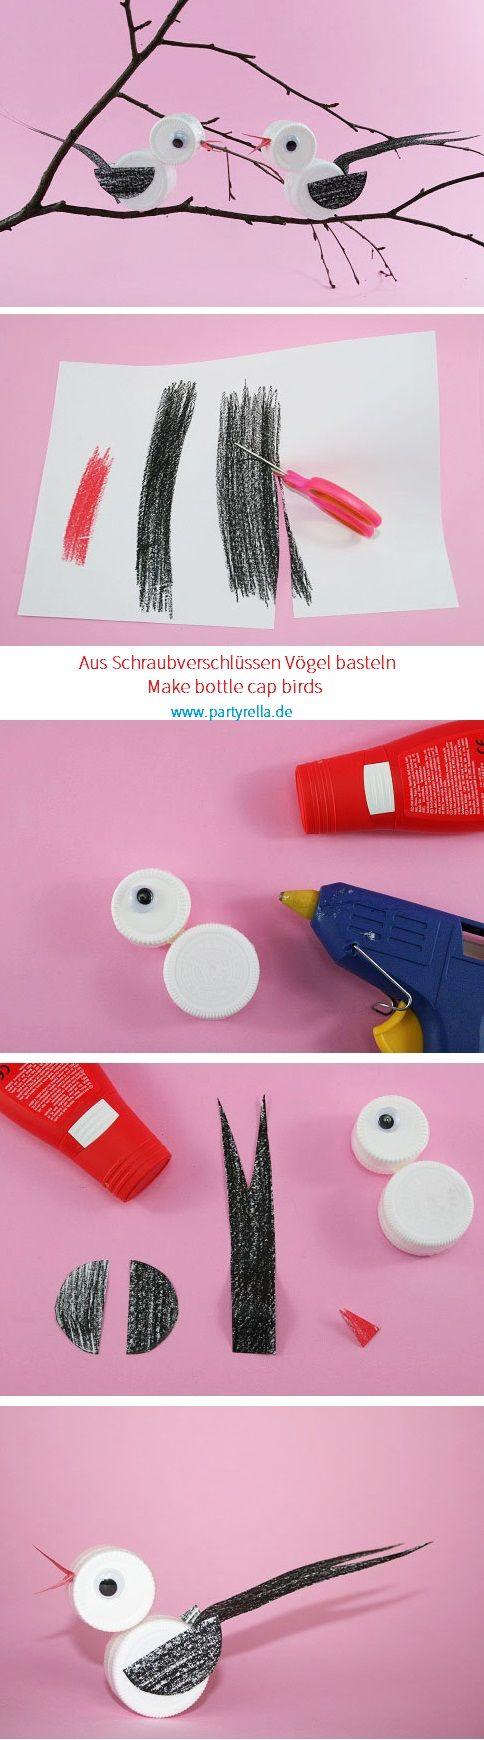 bottle cap bird craft for kids / Mit Kindern Vögel aus Schraubverschlüssen bas…